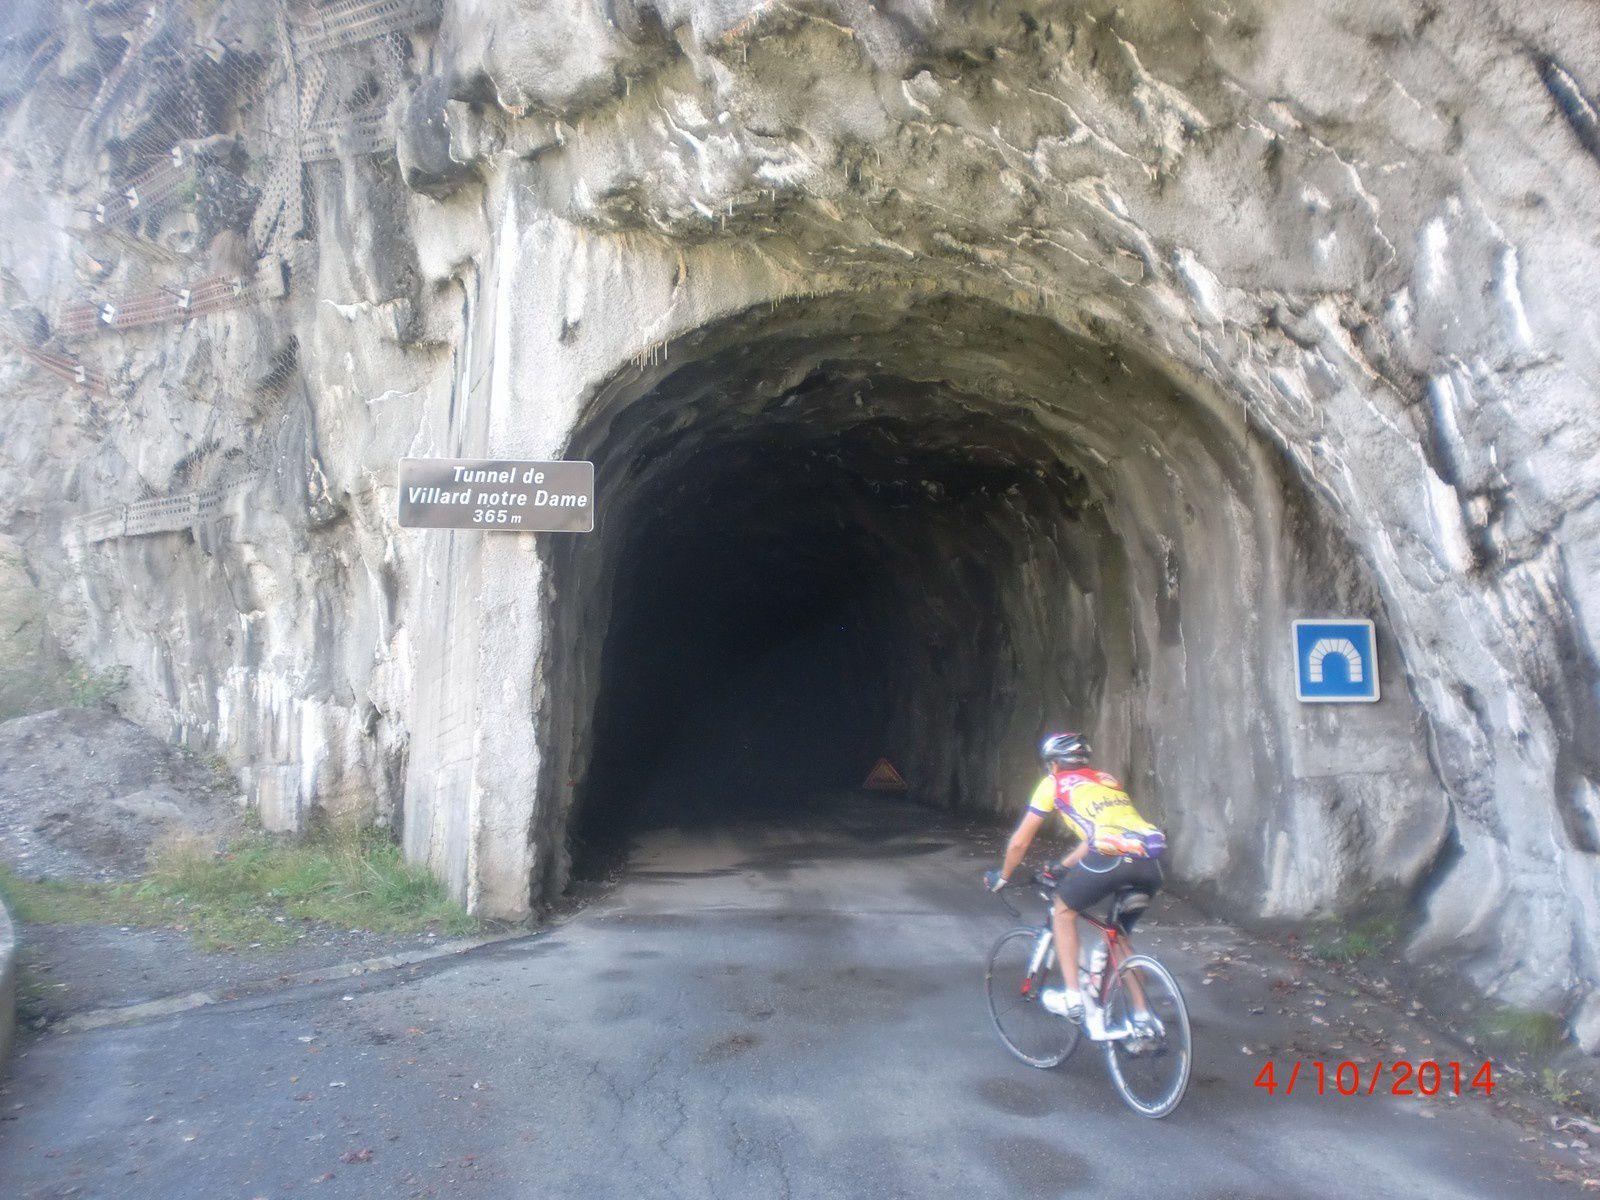 Route en corniches à l'ombre et tunnels sombres